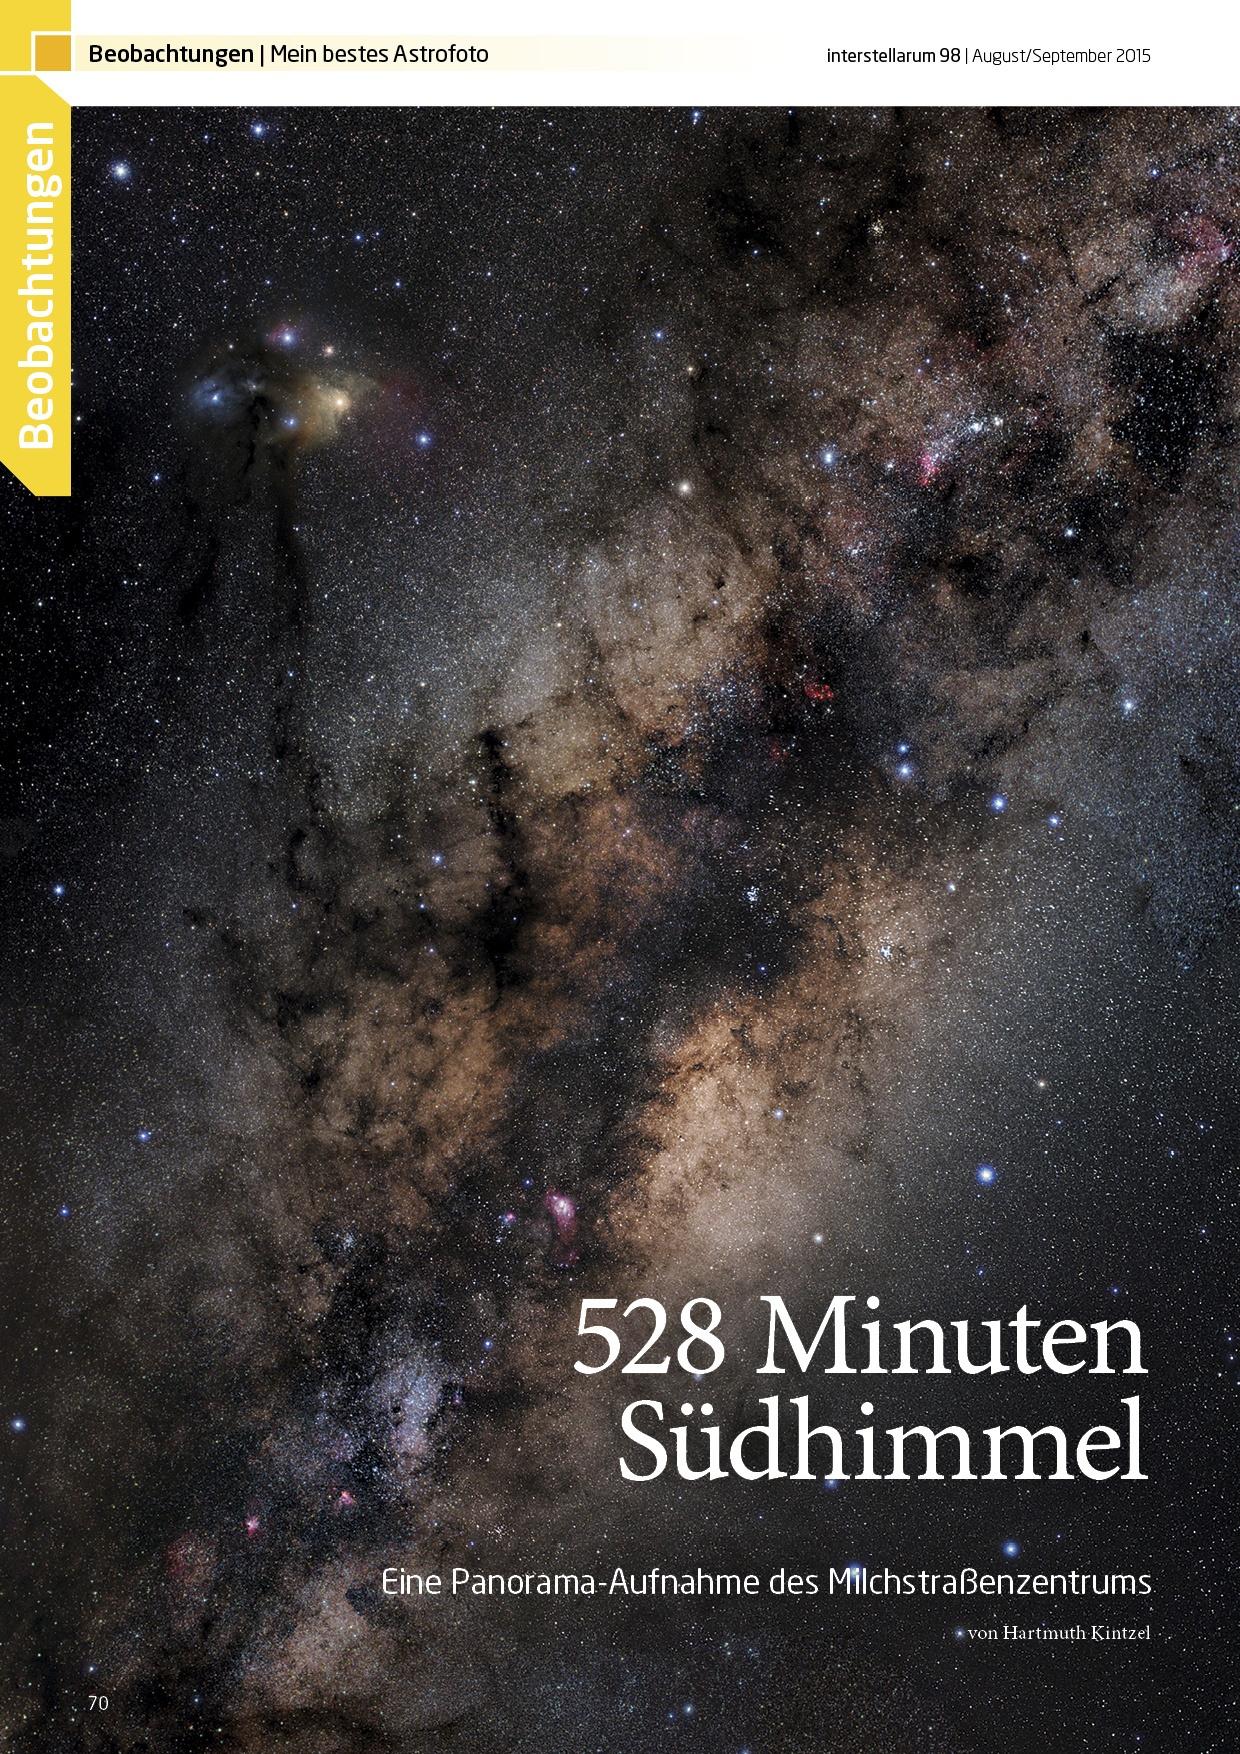 06_interstellarum_98_Beobachtungen_ASTROFOTO.jpg